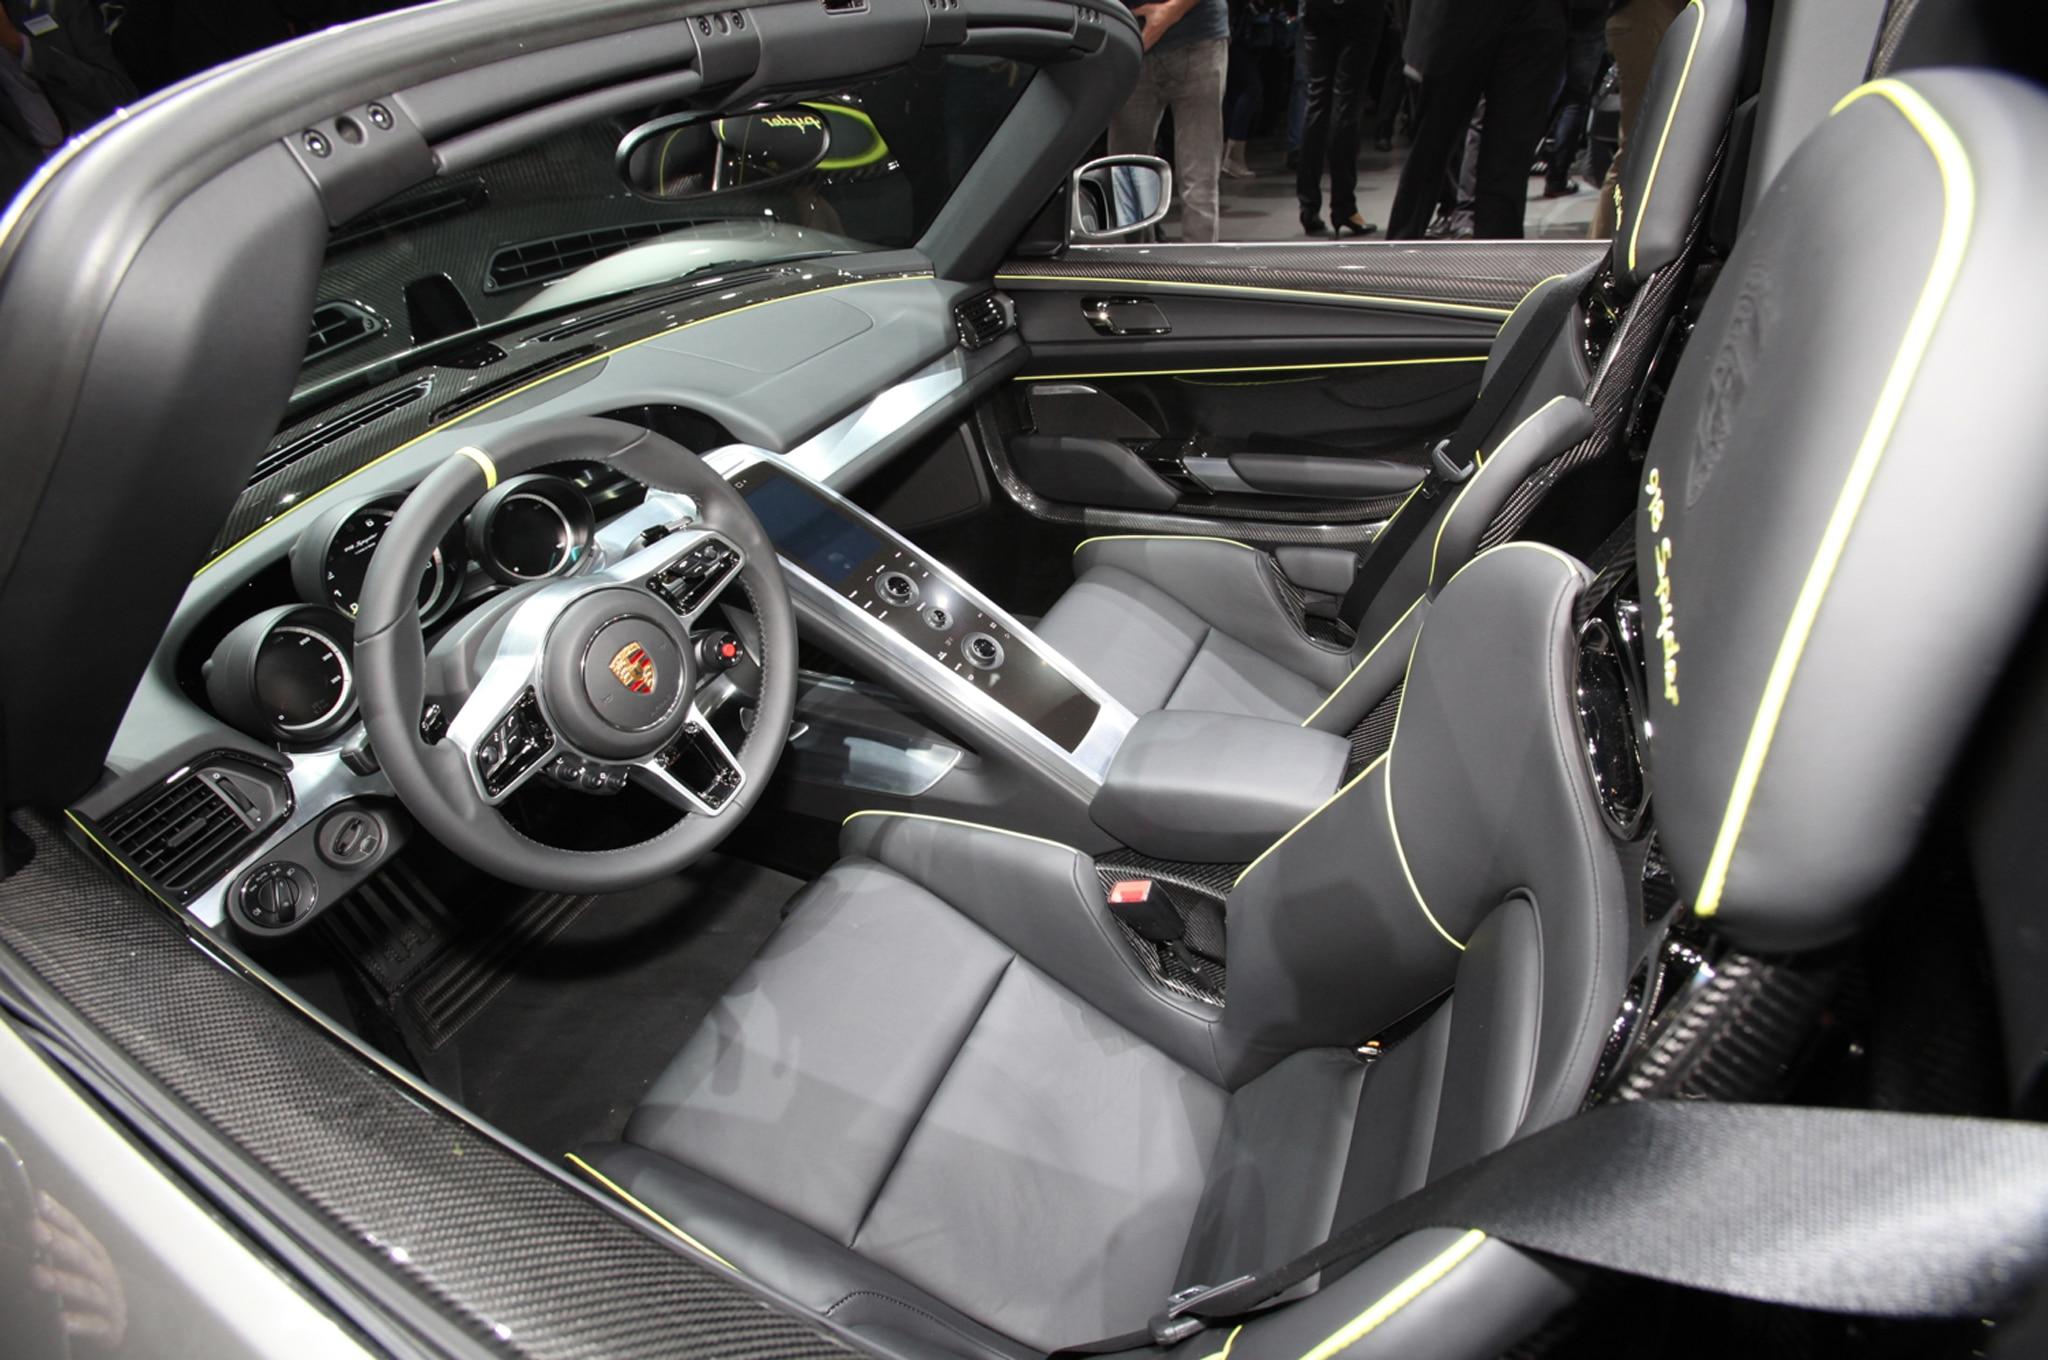 2015 Porsche 918 Spyder Production Details